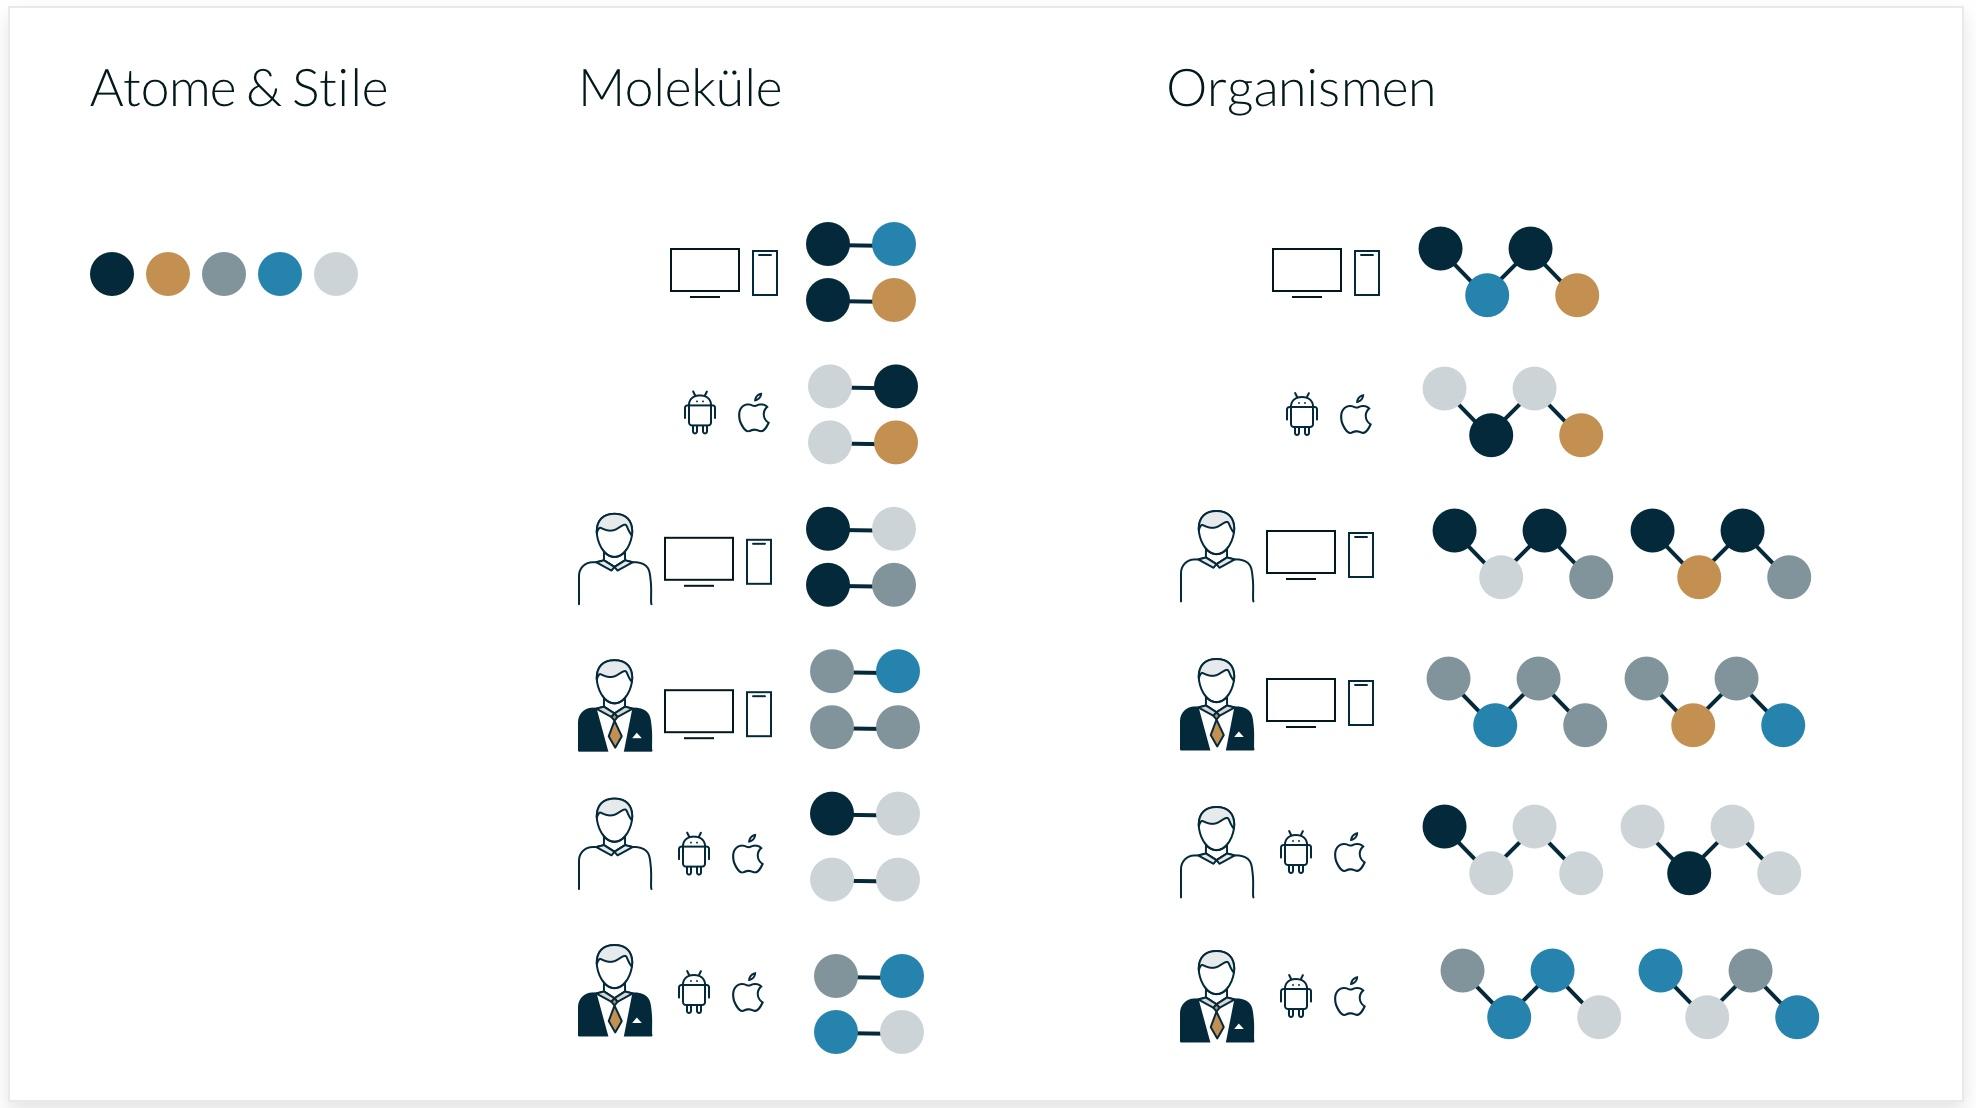 Gemeinsame Atome & Stile und alle Moleküle und Organismen sind in einer Datei zu finden, wenn auch durch die Benennung voneinander abgrenzbar